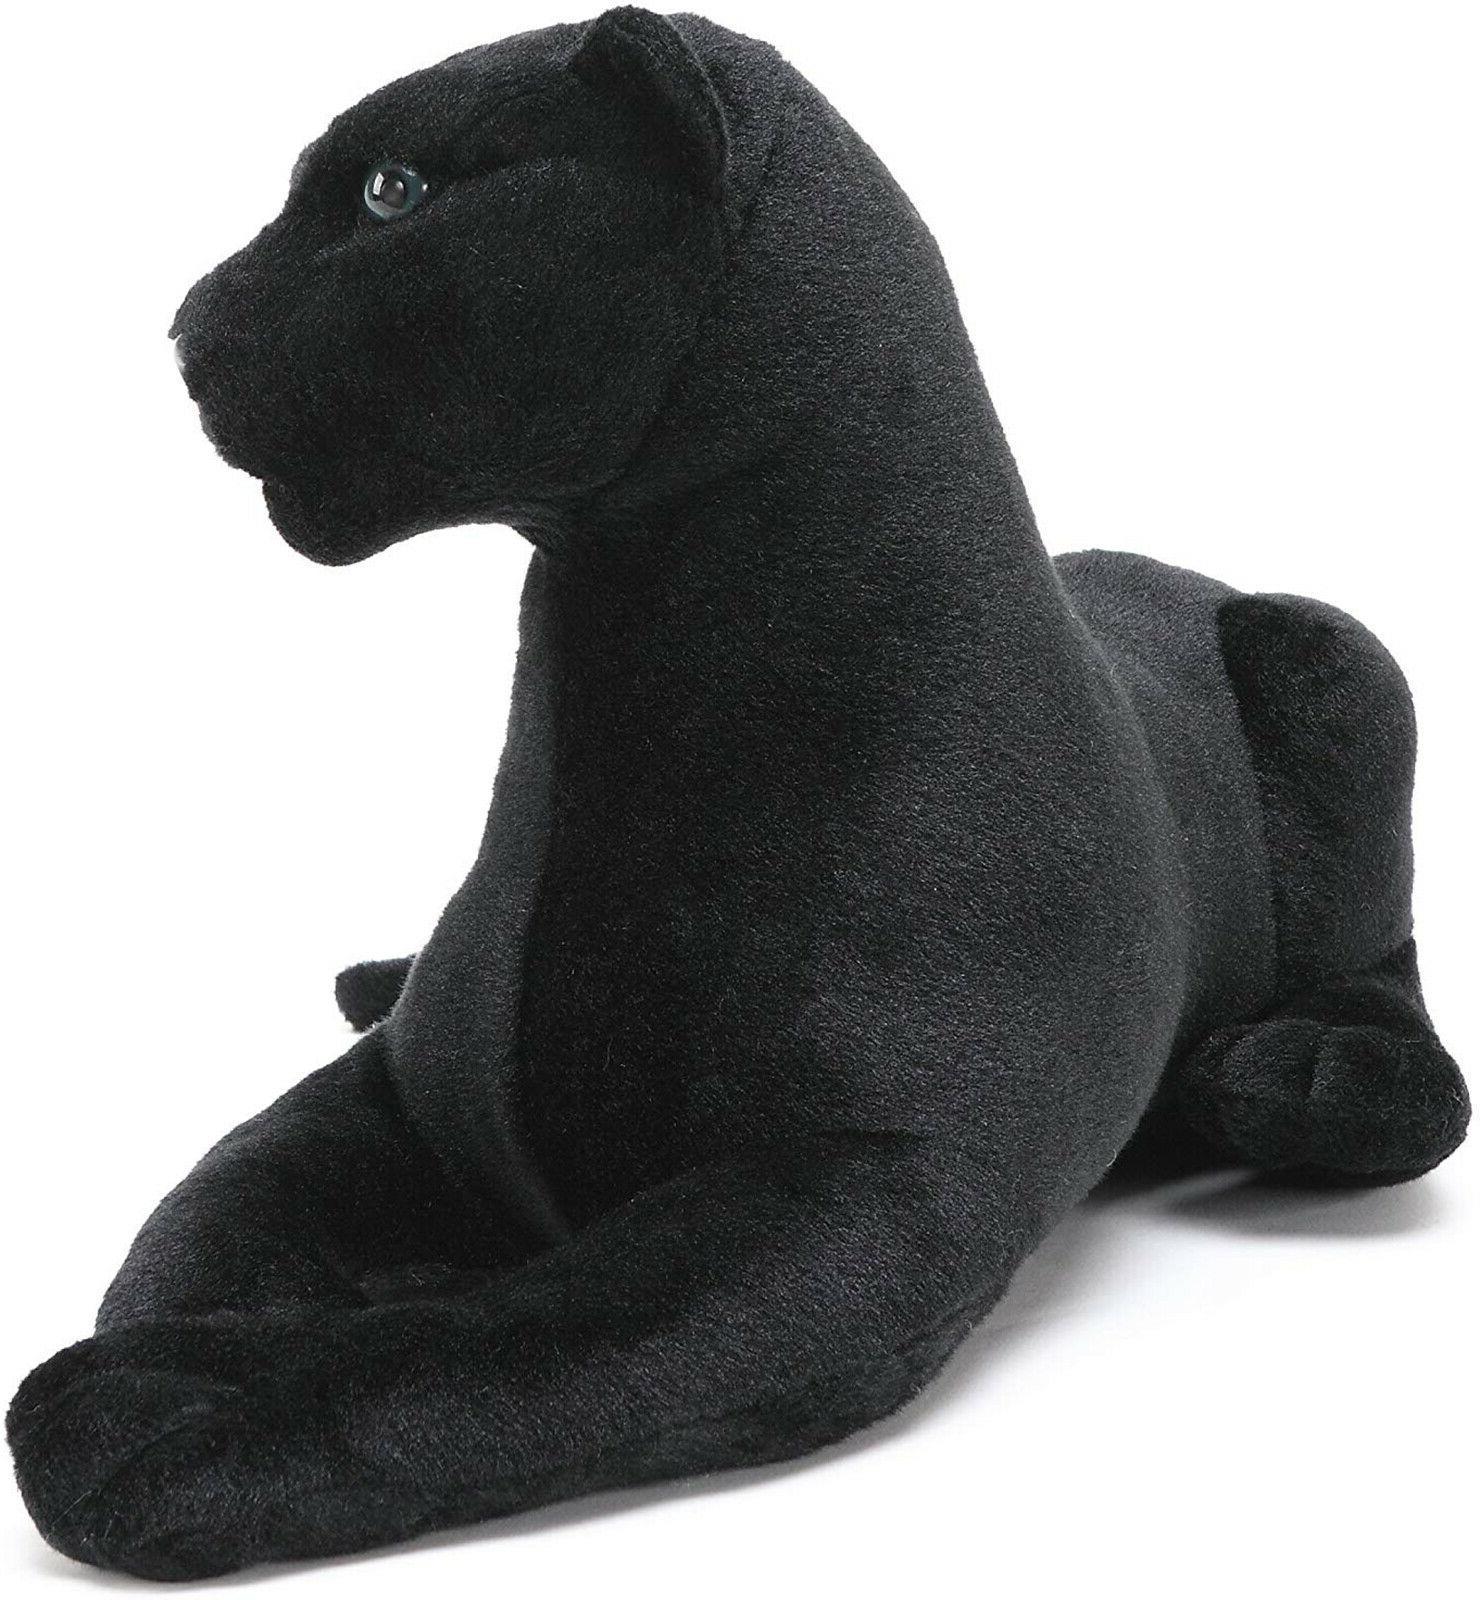 Realistic Plush, Kids And Stuffed Animal